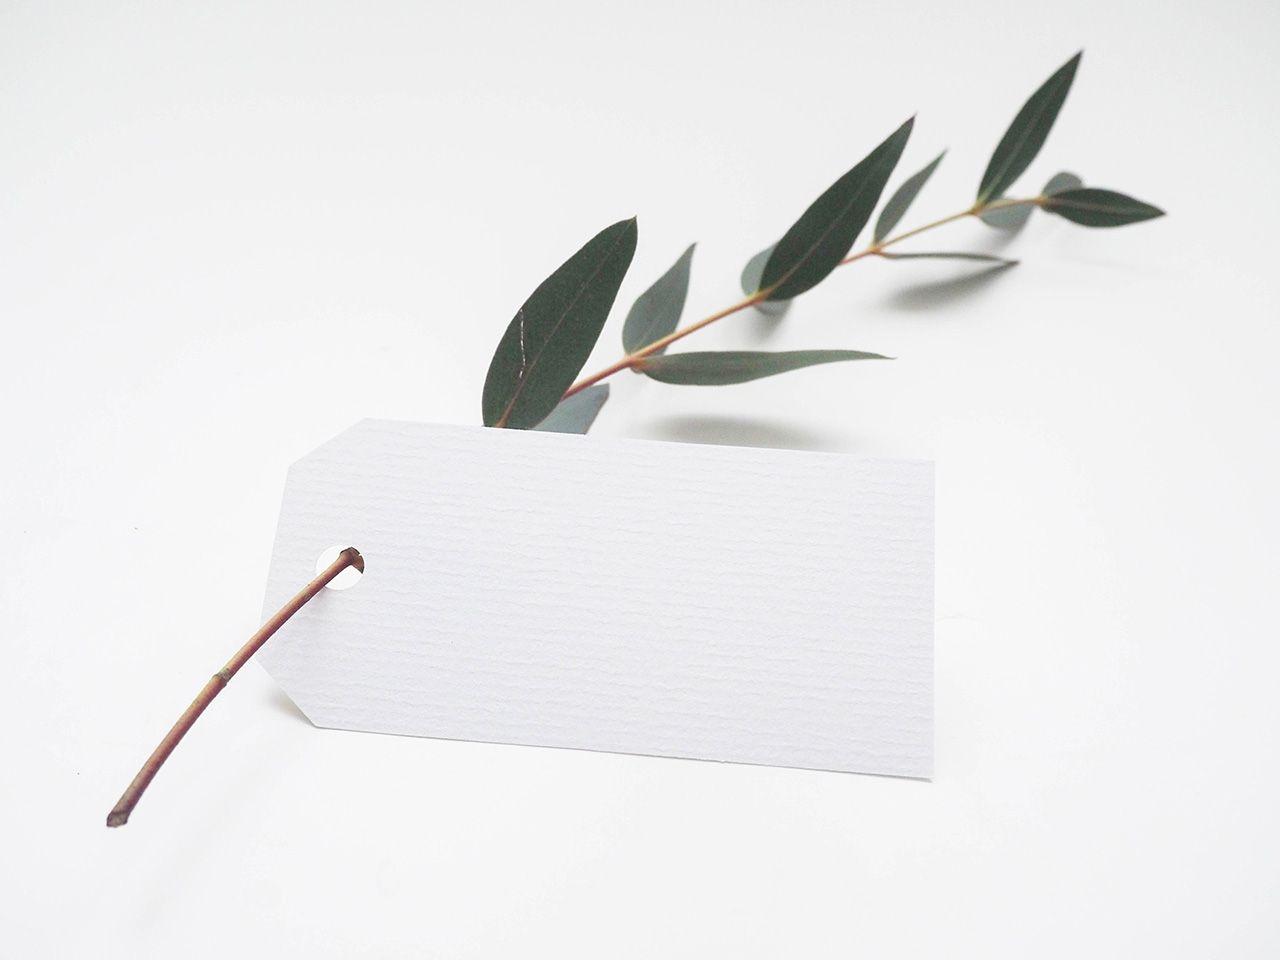 خلفيات فوتوشوب خلفيات روعه للتصميم بدقة عالية Hd فيو تطوير الأعمال Unsplash Photo Decision Tree